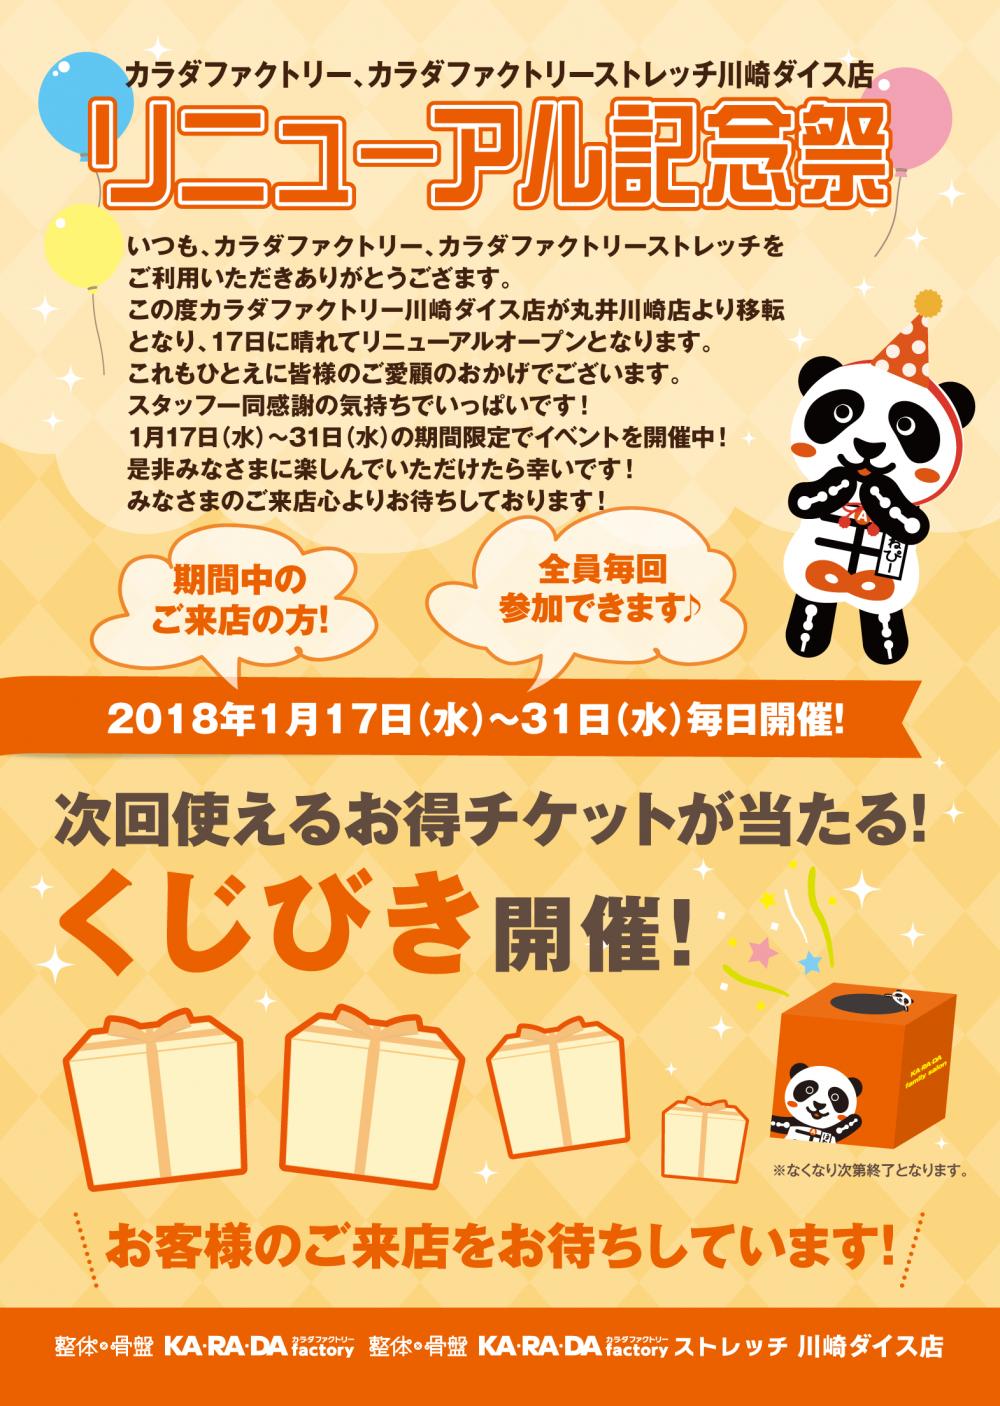 1/17~1/31川崎ダイス店にてリニューアル記念祭開催!